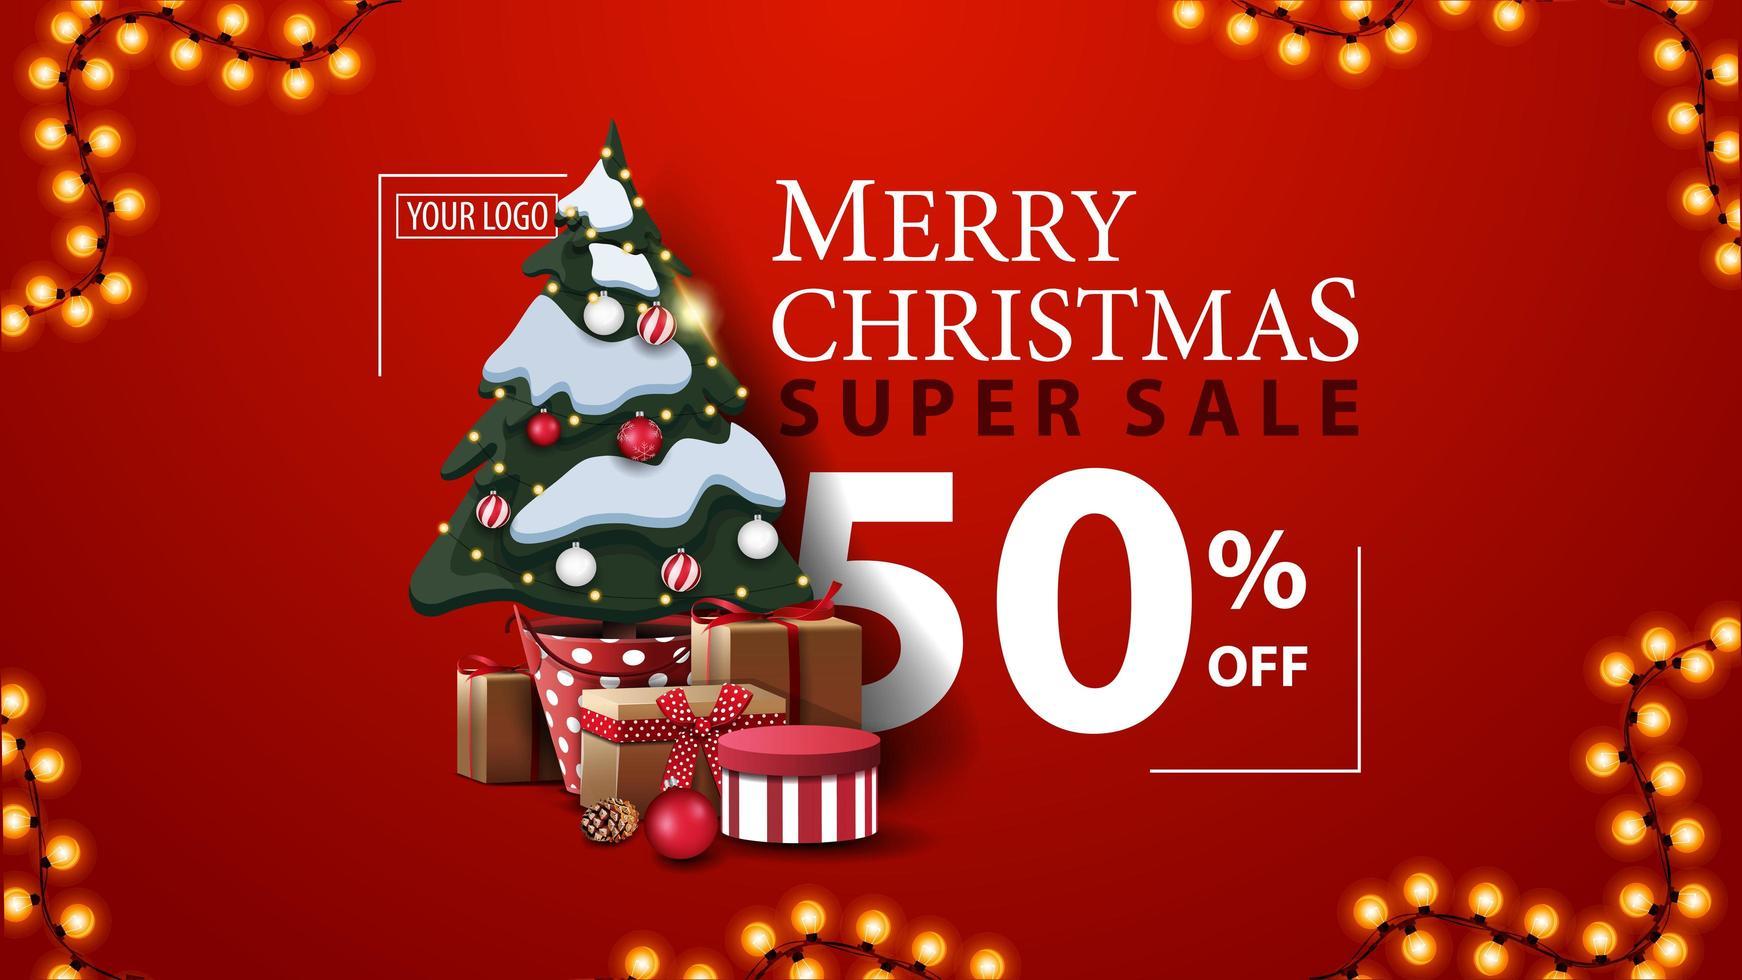 kerst super sale, tot 50 korting, rode moderne kortingsbanner met prachtige typografie, slinger en kerstboom in een pot met geschenken vector